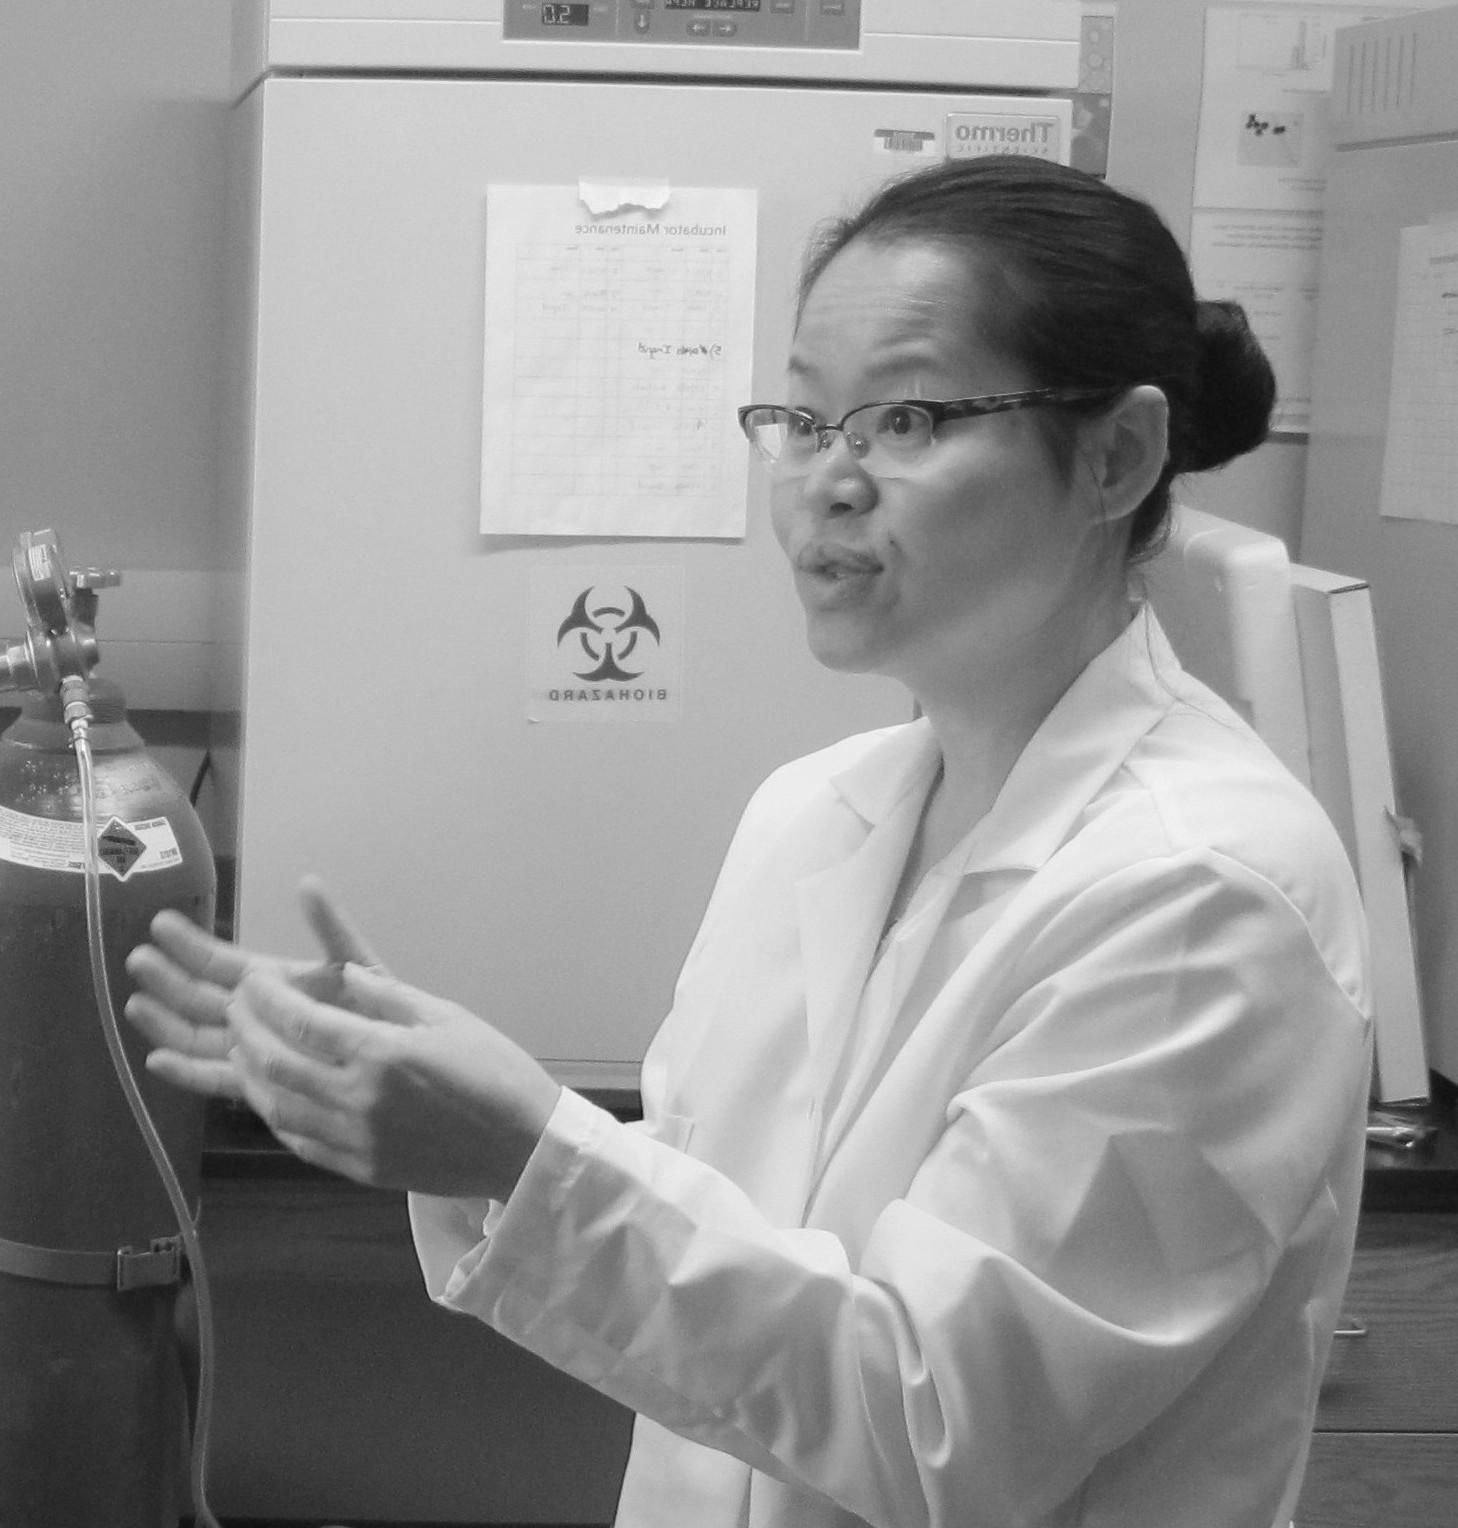 Dr. Kieng Bao Vang-Dings